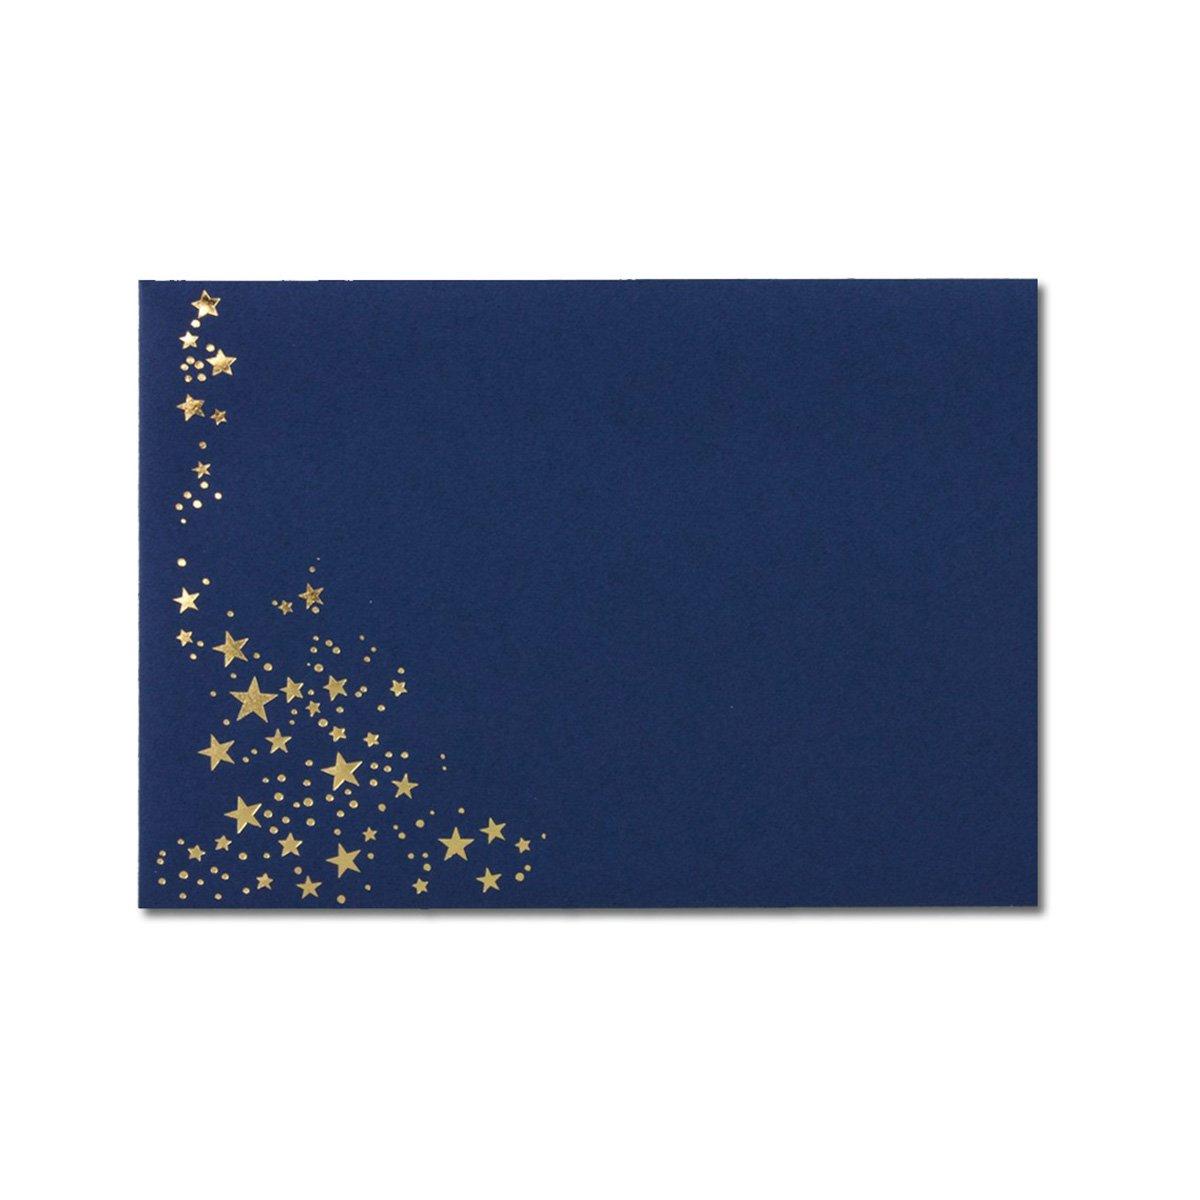 300x Weihnachts-Briefumschläge   DIN DIN DIN C6   mit Gold-Metallic geprägtem Sternenregen  Farbe  Sandbraun  Nassklebung, 120 g m²   114 x 162 mm   Marke  GUSTAV NEUSER® B01JJ76PQM | Spielen Sie auf der ganzen Welt und verhindern Sie, dass Ihr d2429c